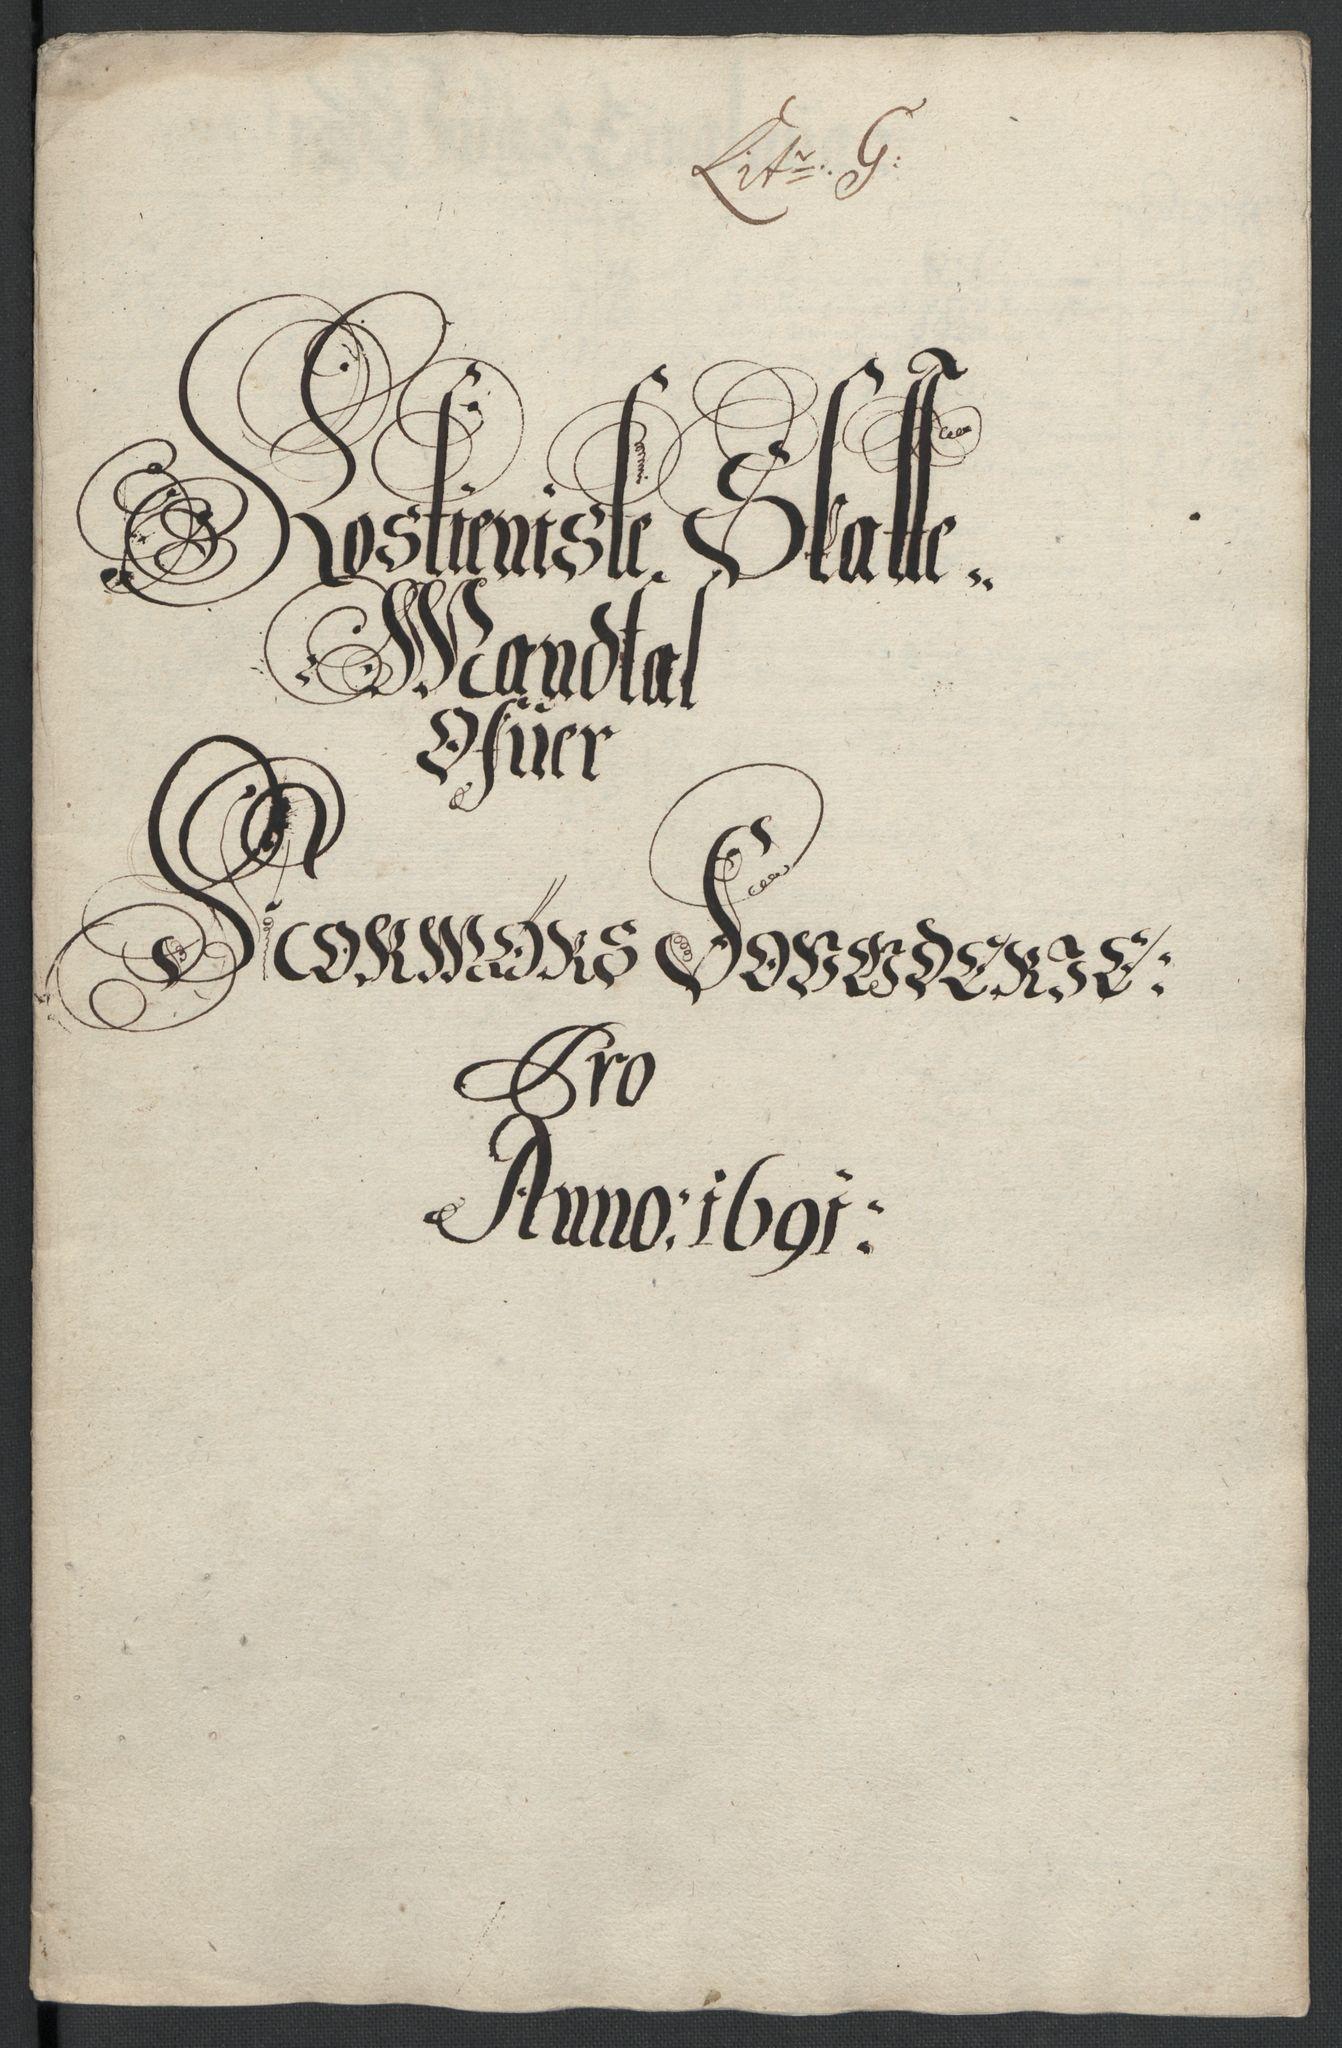 RA, Rentekammeret inntil 1814, Reviderte regnskaper, Fogderegnskap, R56/L3734: Fogderegnskap Nordmøre, 1690-1691, s. 354